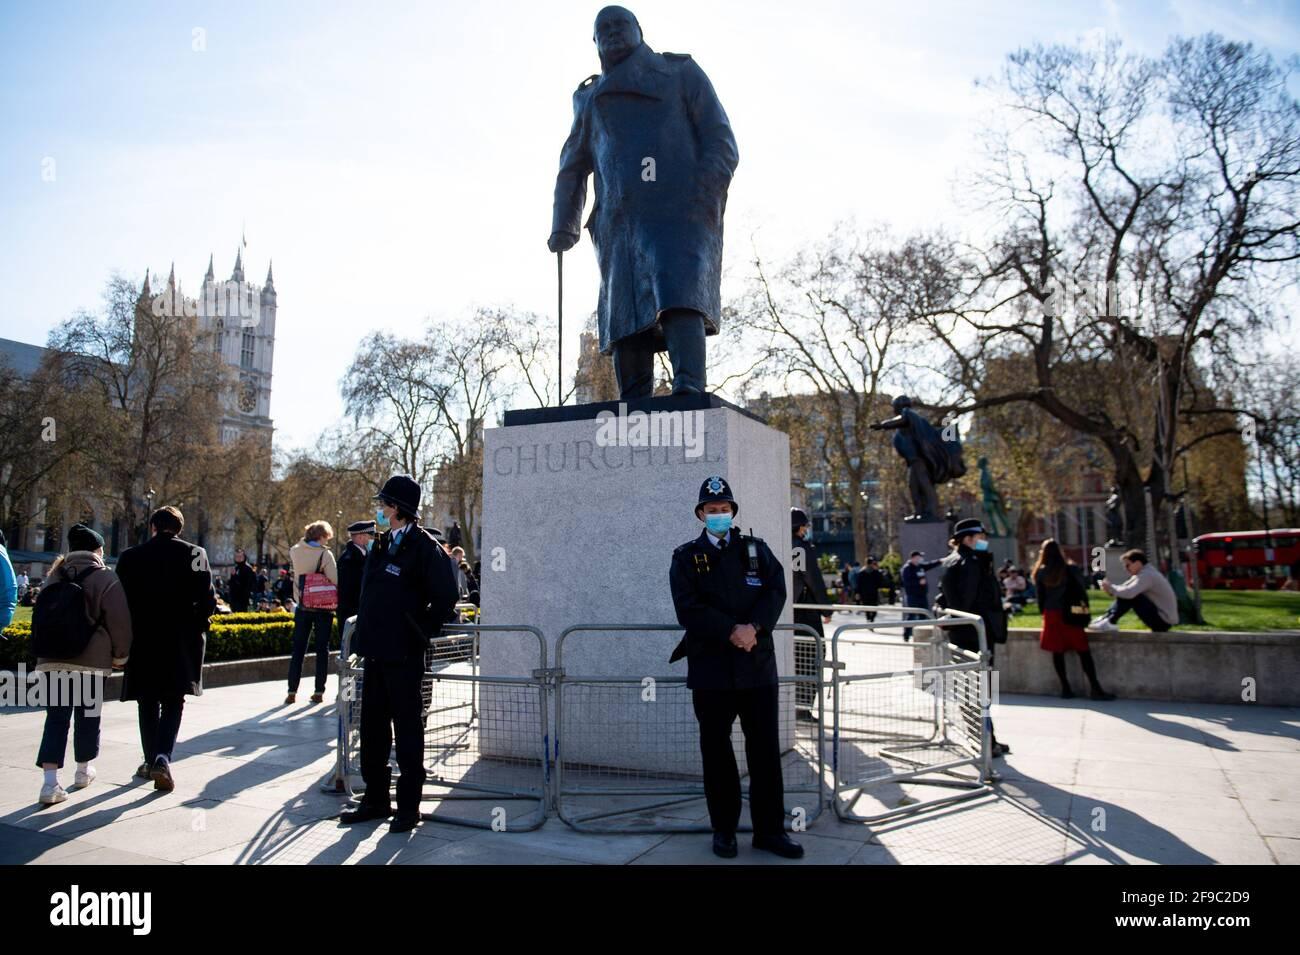 """Polizeibeamte stehen bei einer Statue von Winston Churchill während eines Protestes """"Kill the Bill"""" gegen das Gesetz über Polizei, Verbrechen, Verurteilung und Gerichte auf dem Parliament Square in London. Bilddatum: Samstag, 17. April 2021. Stockfoto"""